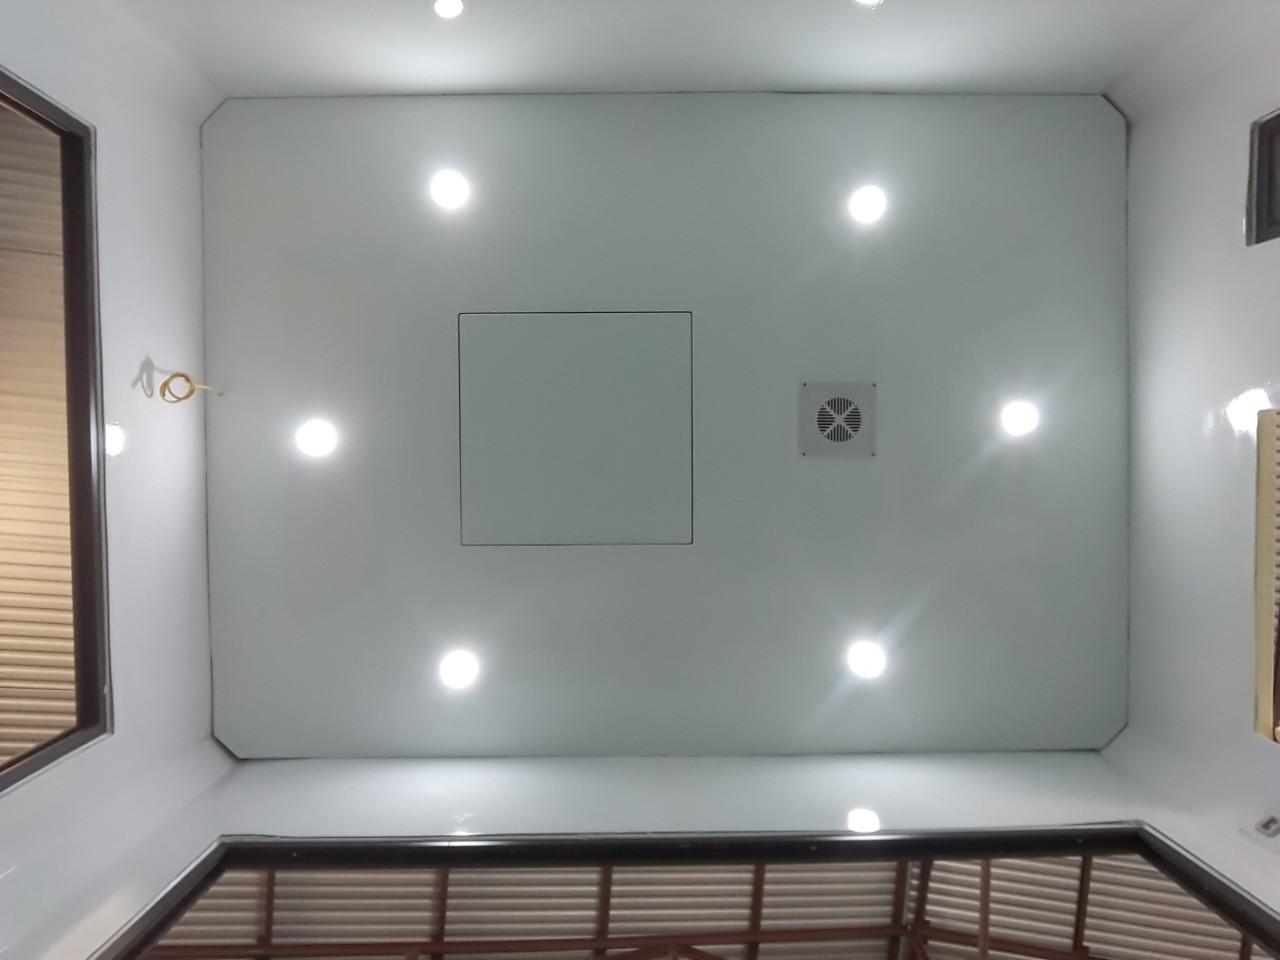 Nội thất chốt bảo vệ Handy 2x2.5m